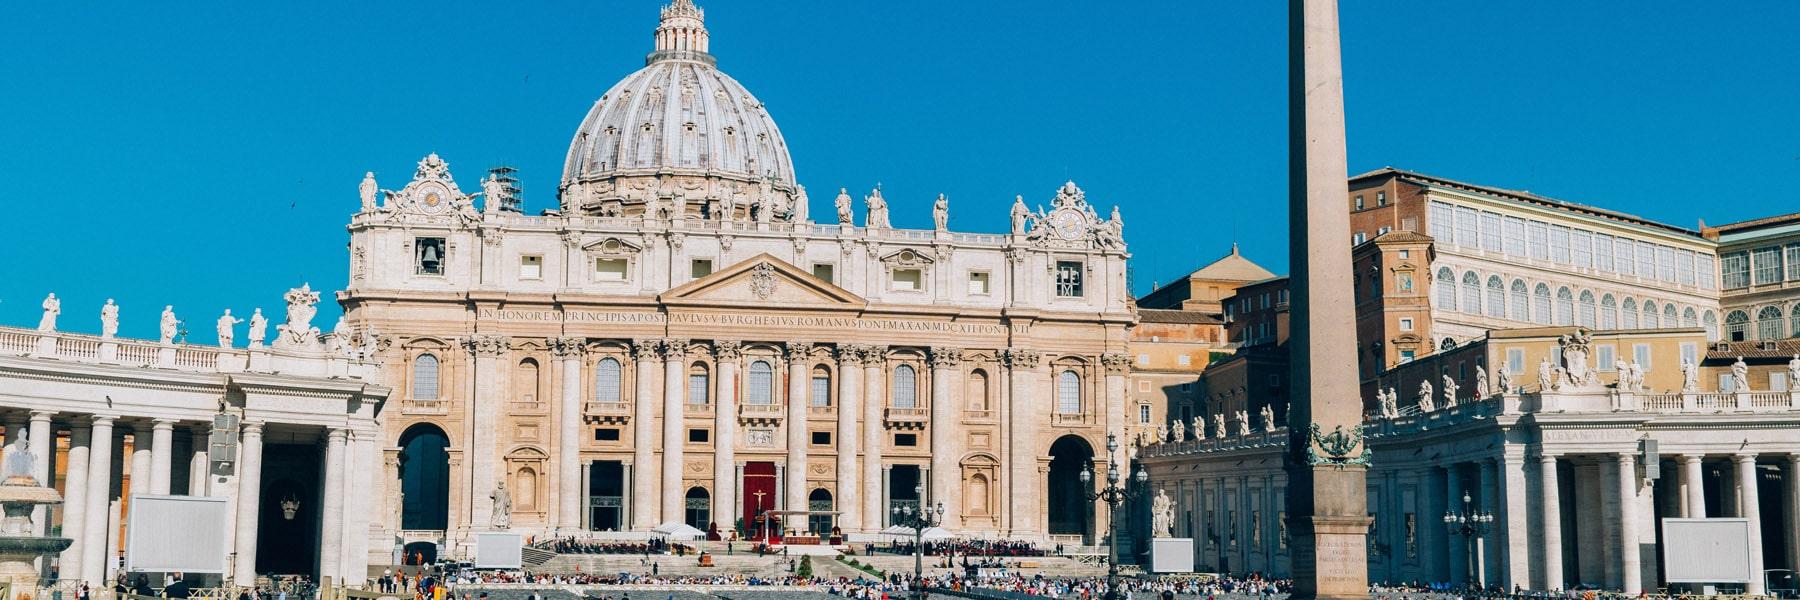 TURISMO RELIGIOSO: POR ONDE NOS LEVA A FÉ?